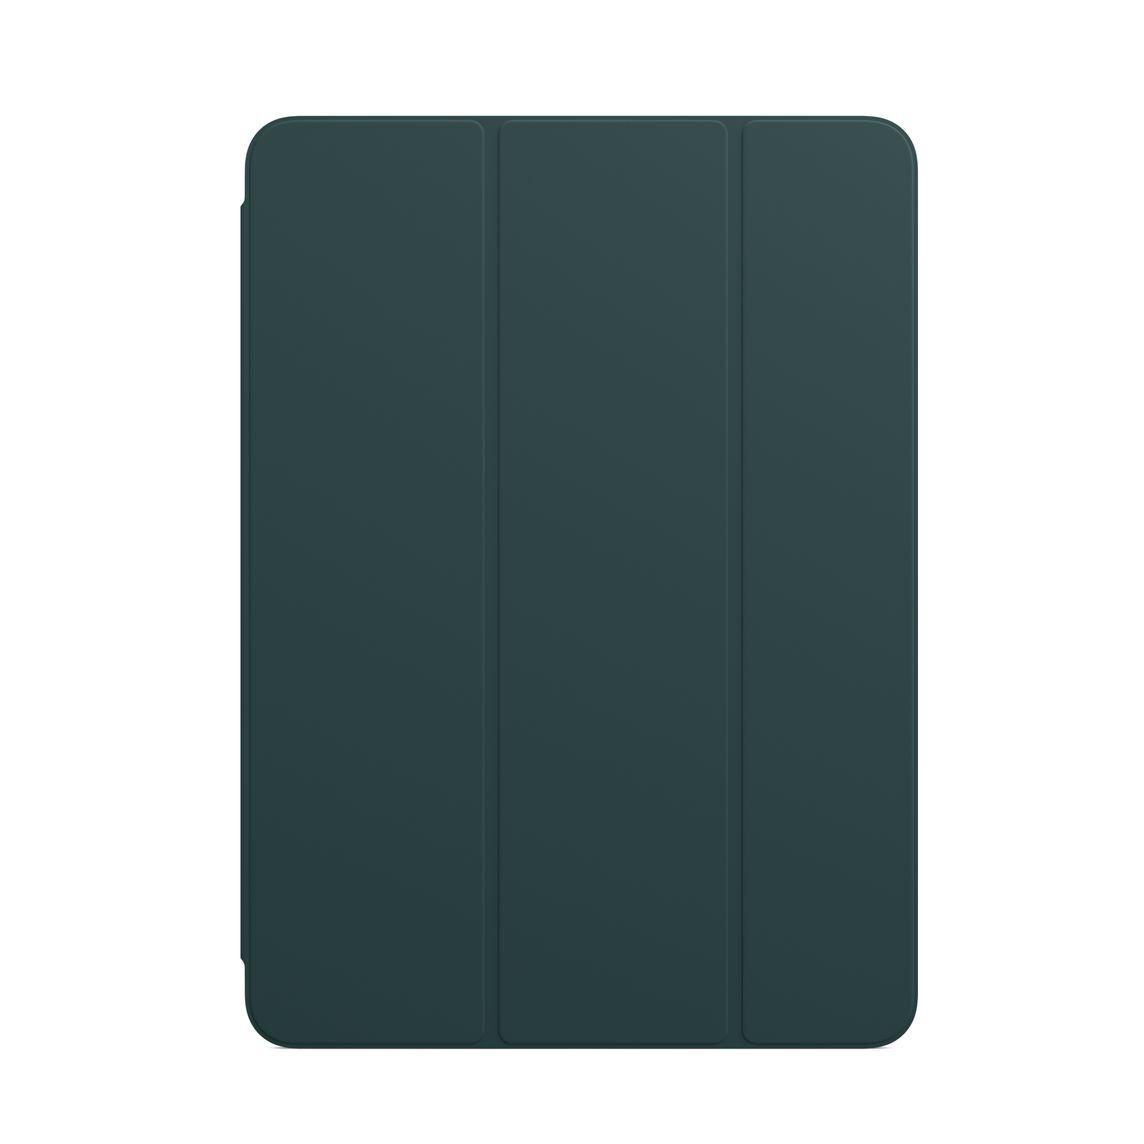 Apple iPad mini Smart Cover Mallard Green